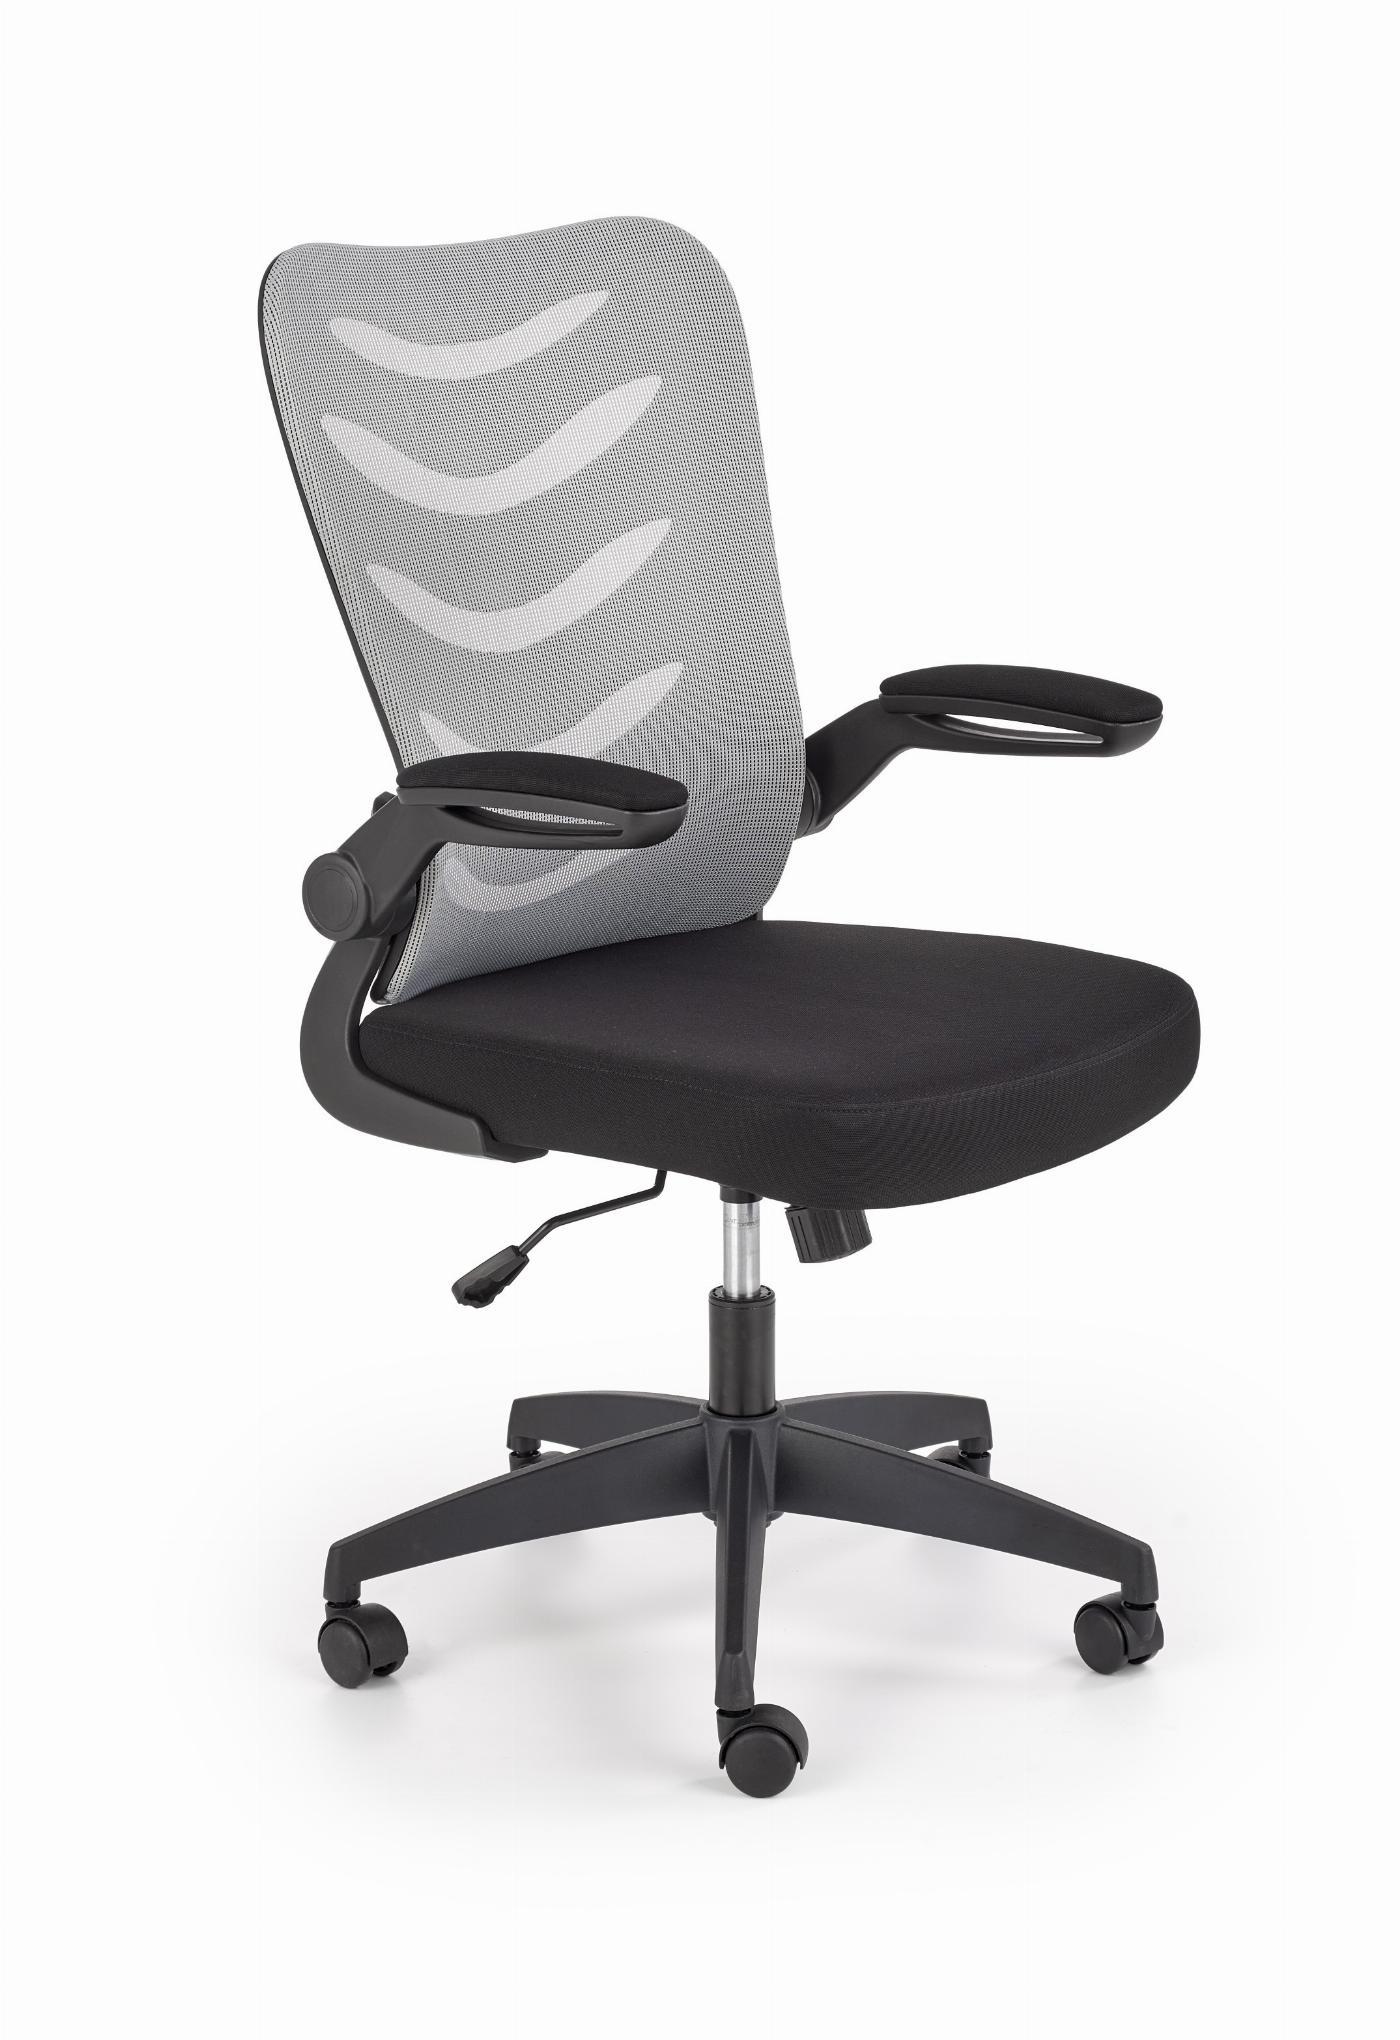 LOVREN fotel pracowniczy popielaty / czarny